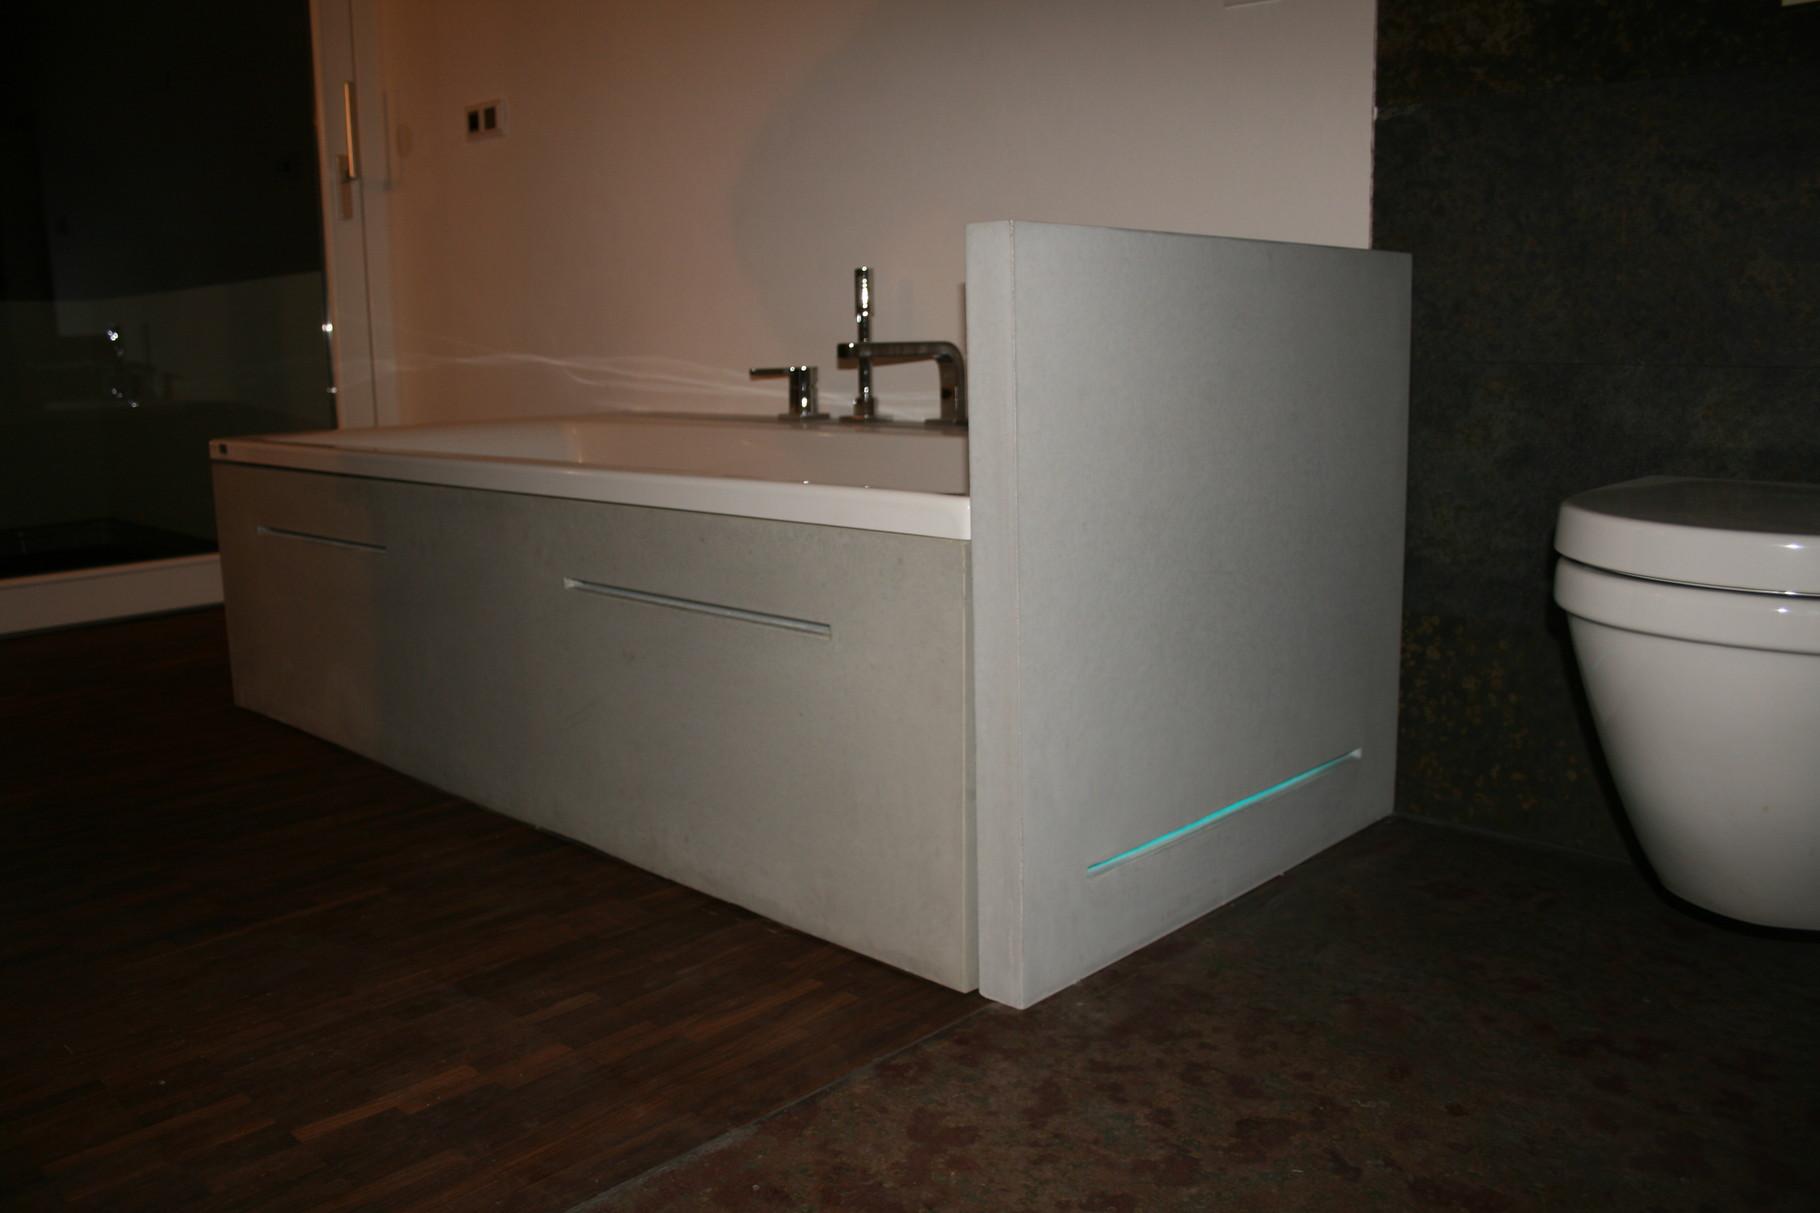 Badewannen Verkleidung aus Beton, LED Beleuchtung